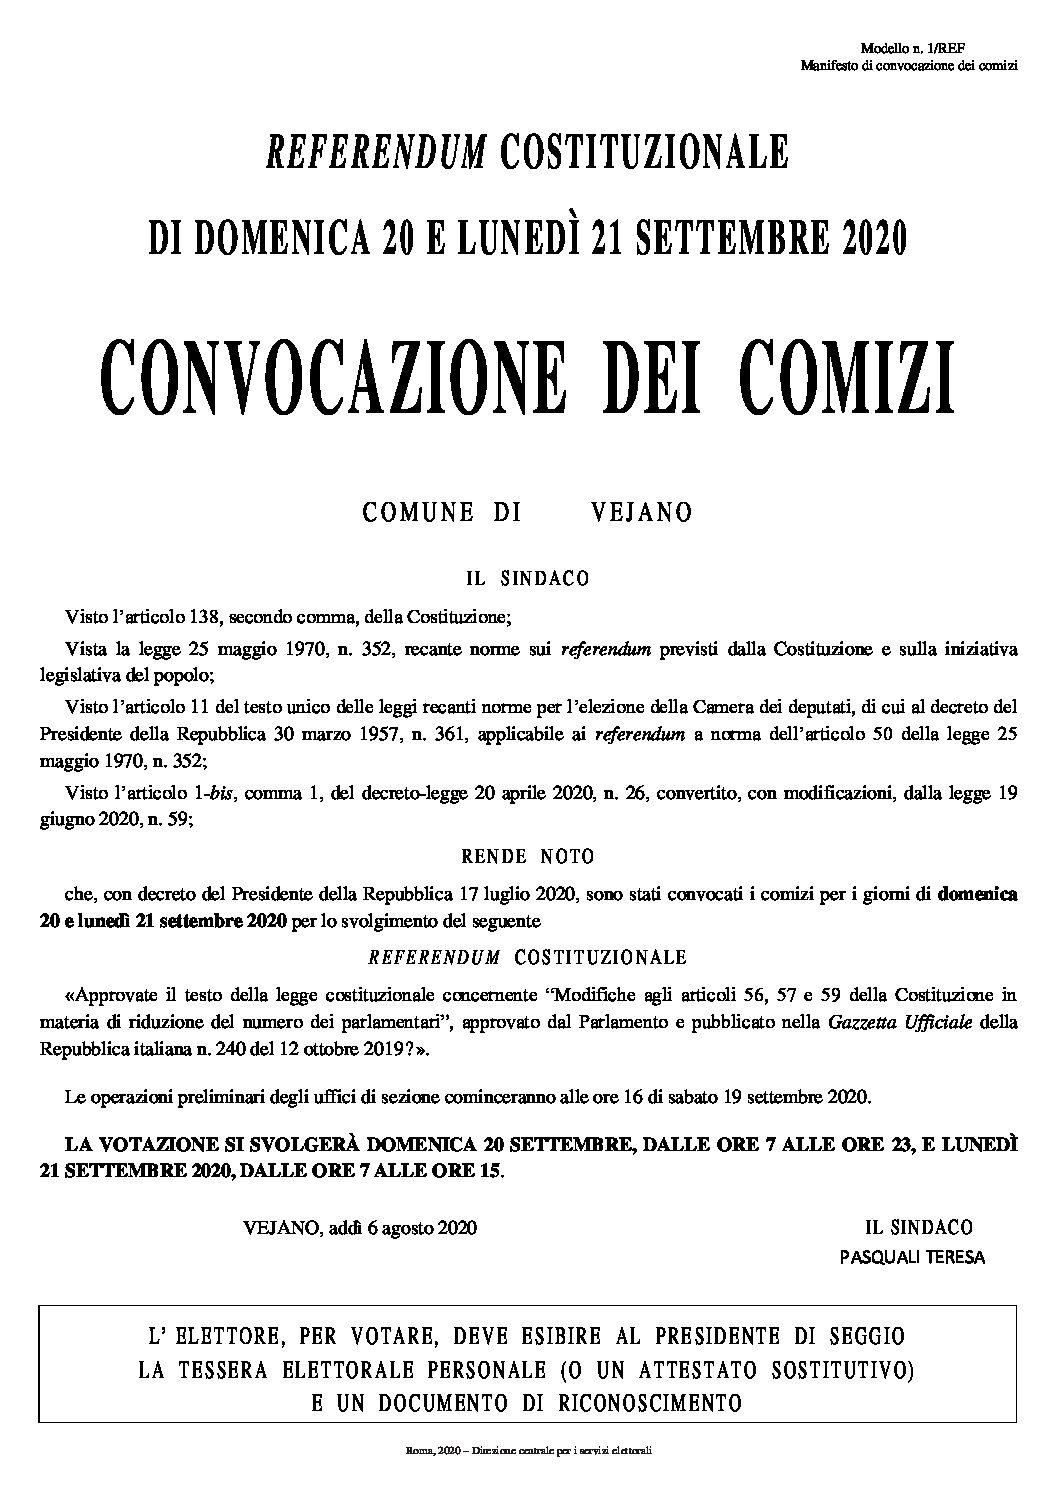 Manifesto convocazione comizi elettorali